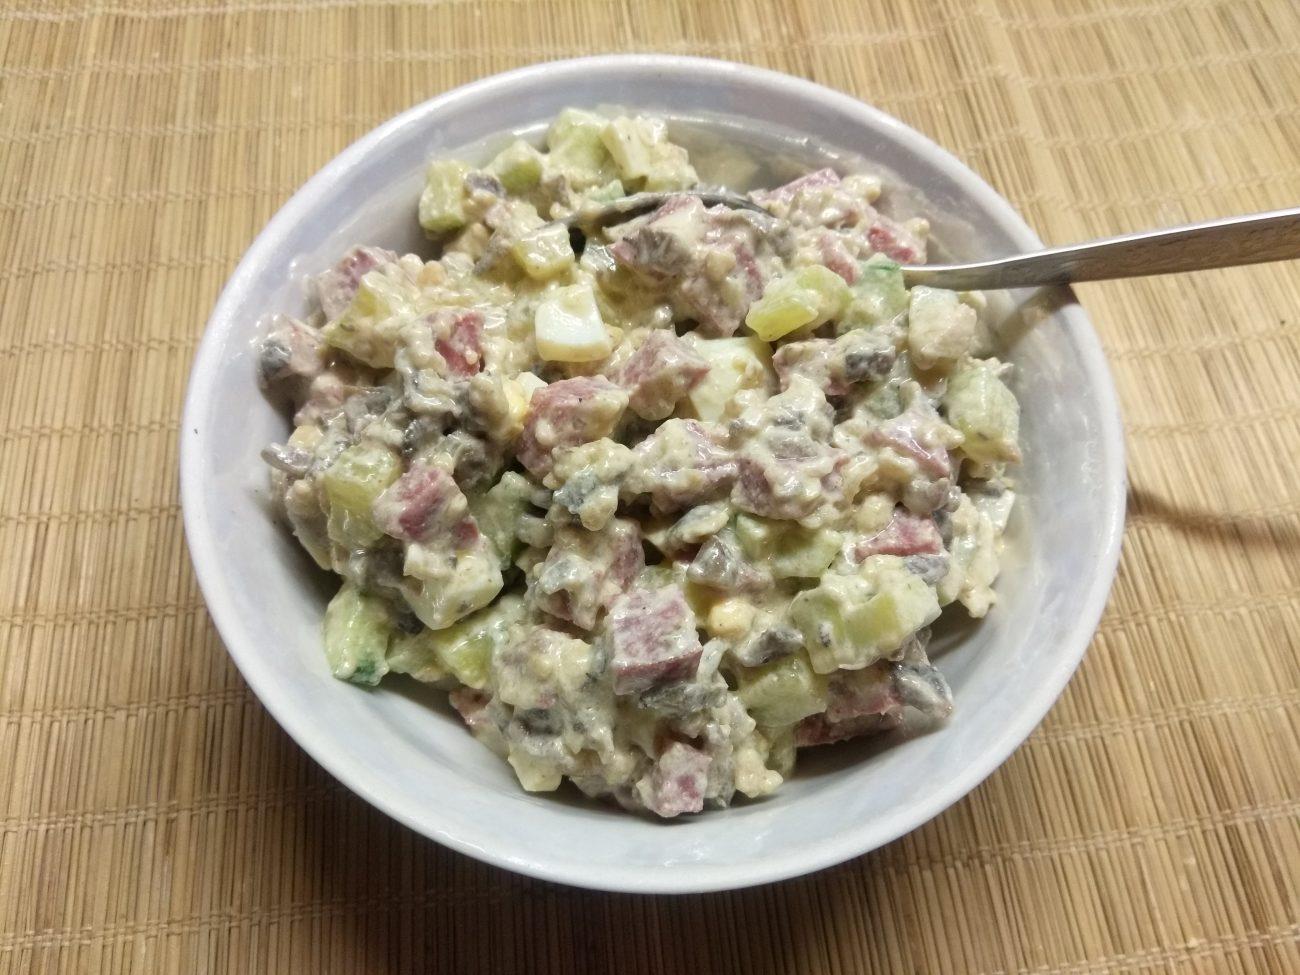 Салат с колбасой, жареными шампиньонами и огурцами